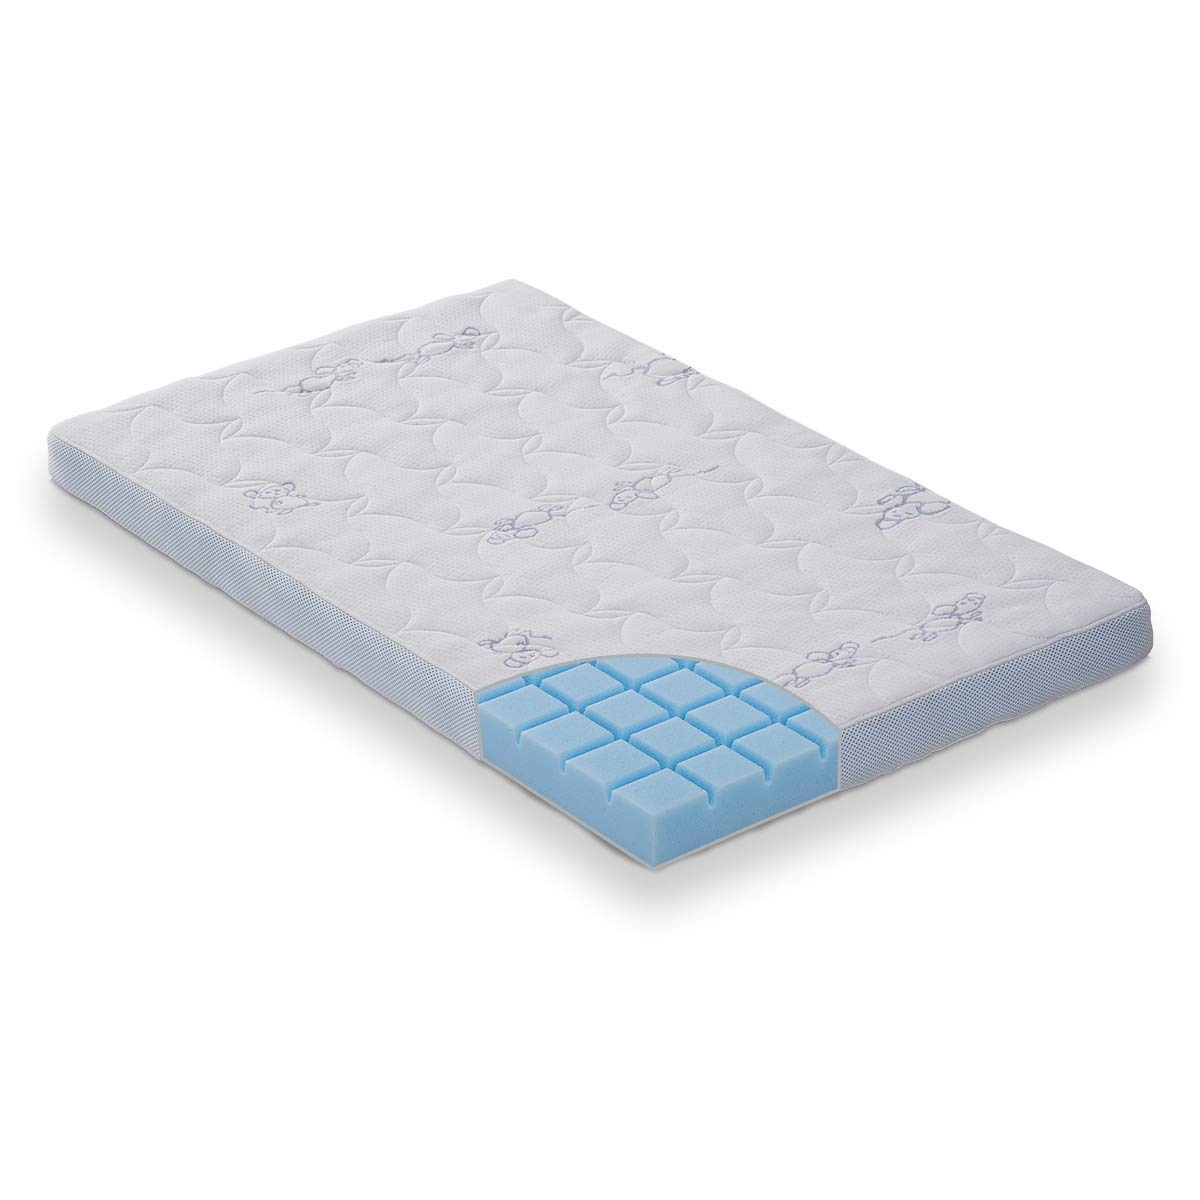 Matratze CLASSIC und Nestchen Amelie blau inkl FabiMax 3444 Beistellbett BOXSPRING wei/ß